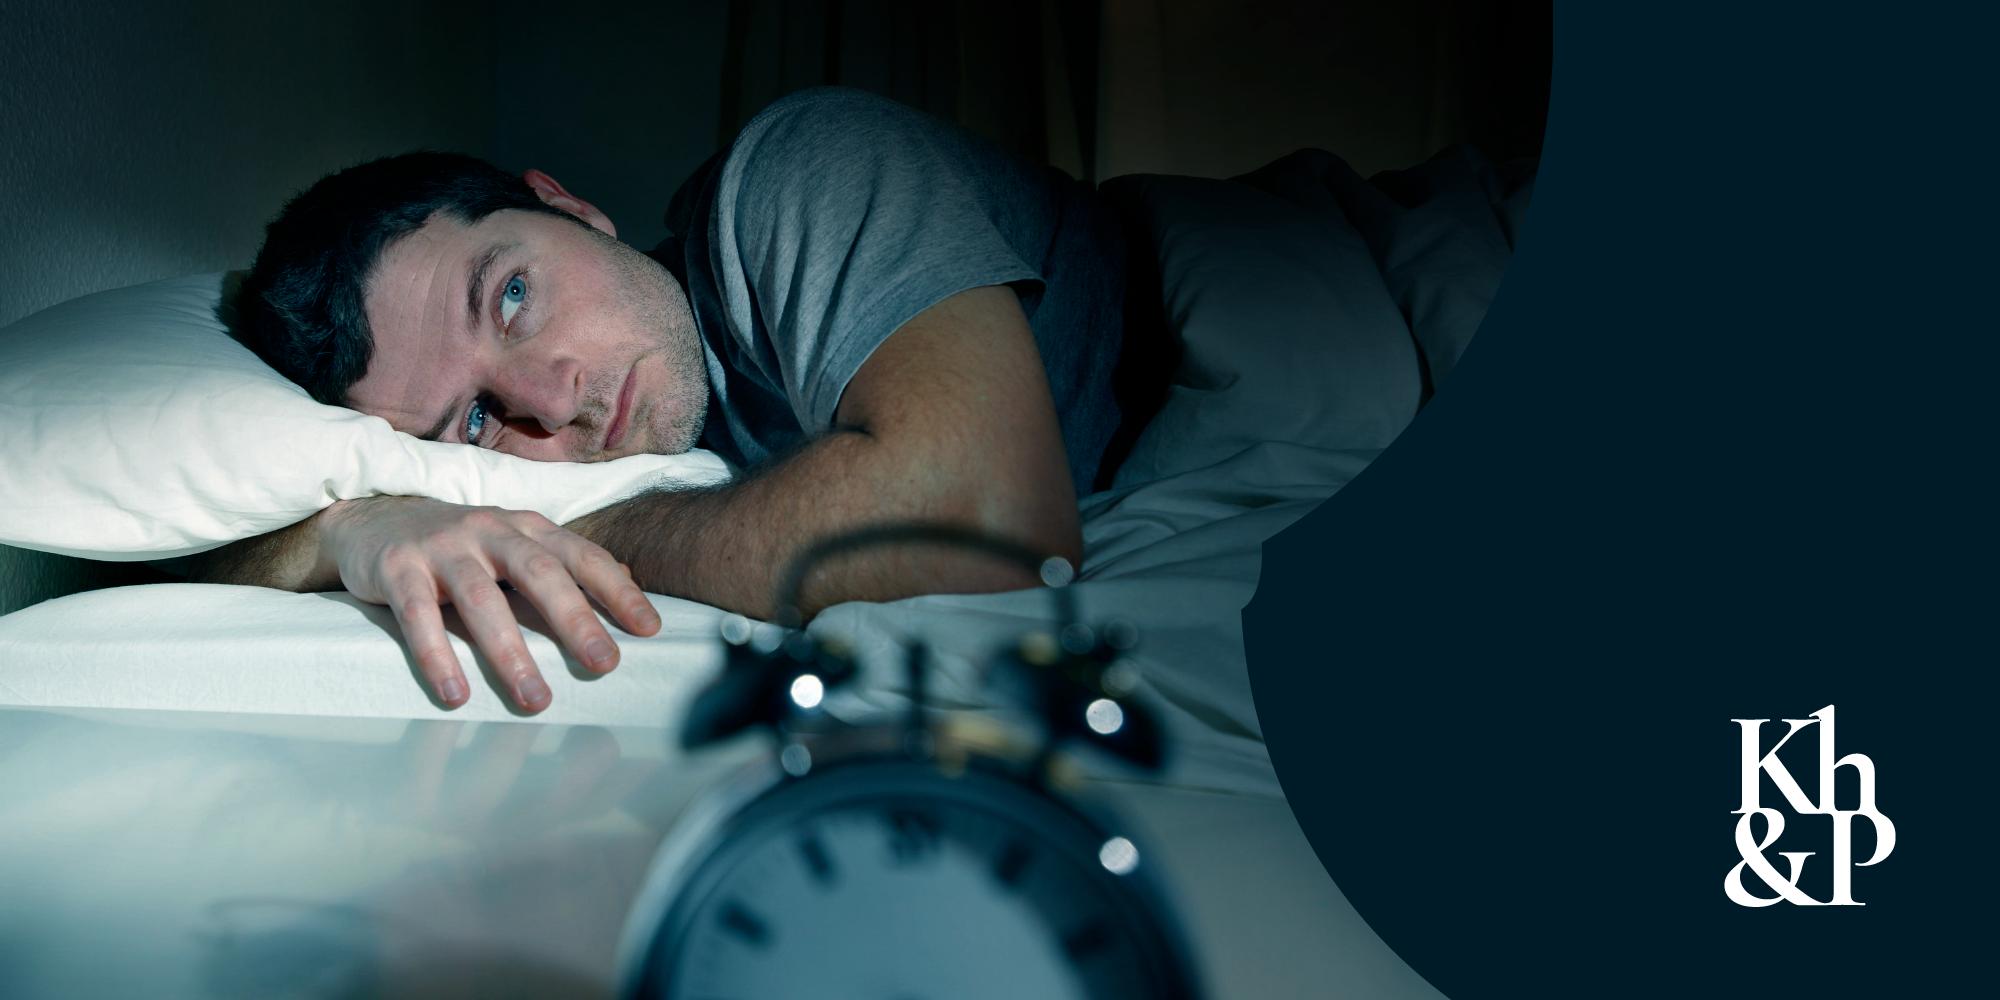 Плохо cпите? Пора просыпаться!